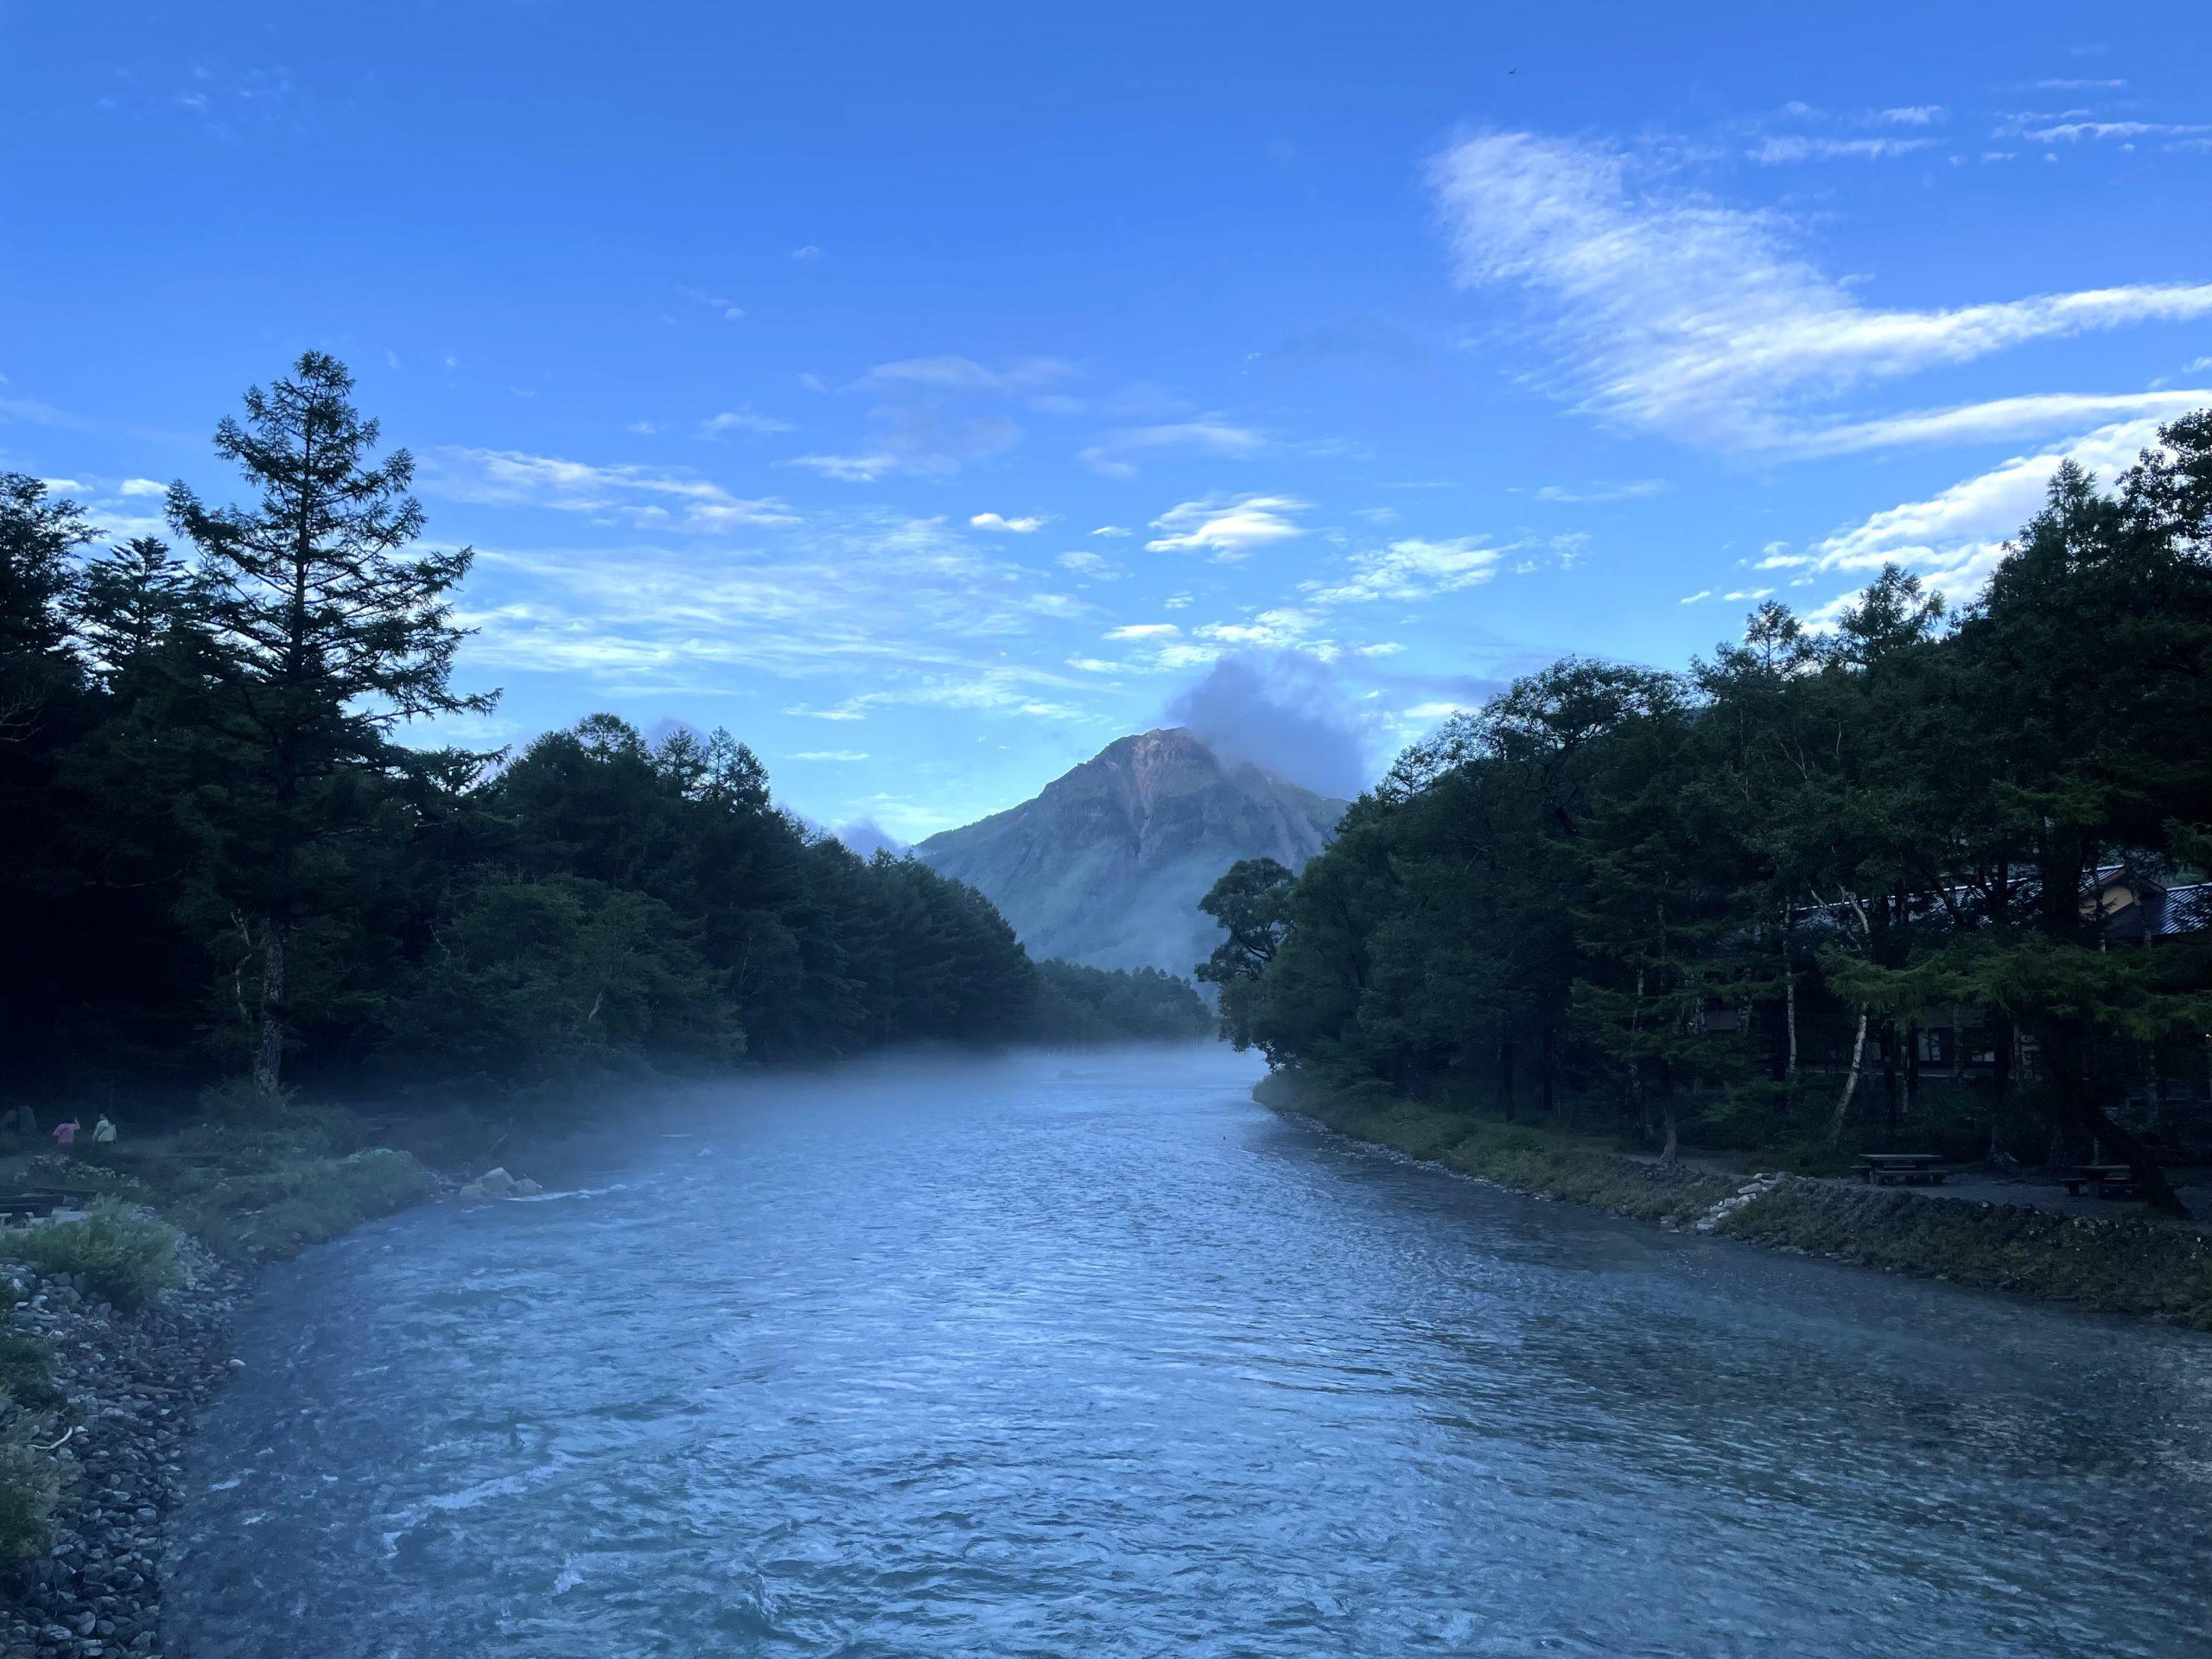 ネイチャーガイドおすすめの景色:秋深まる上高地の梓川と焼岳